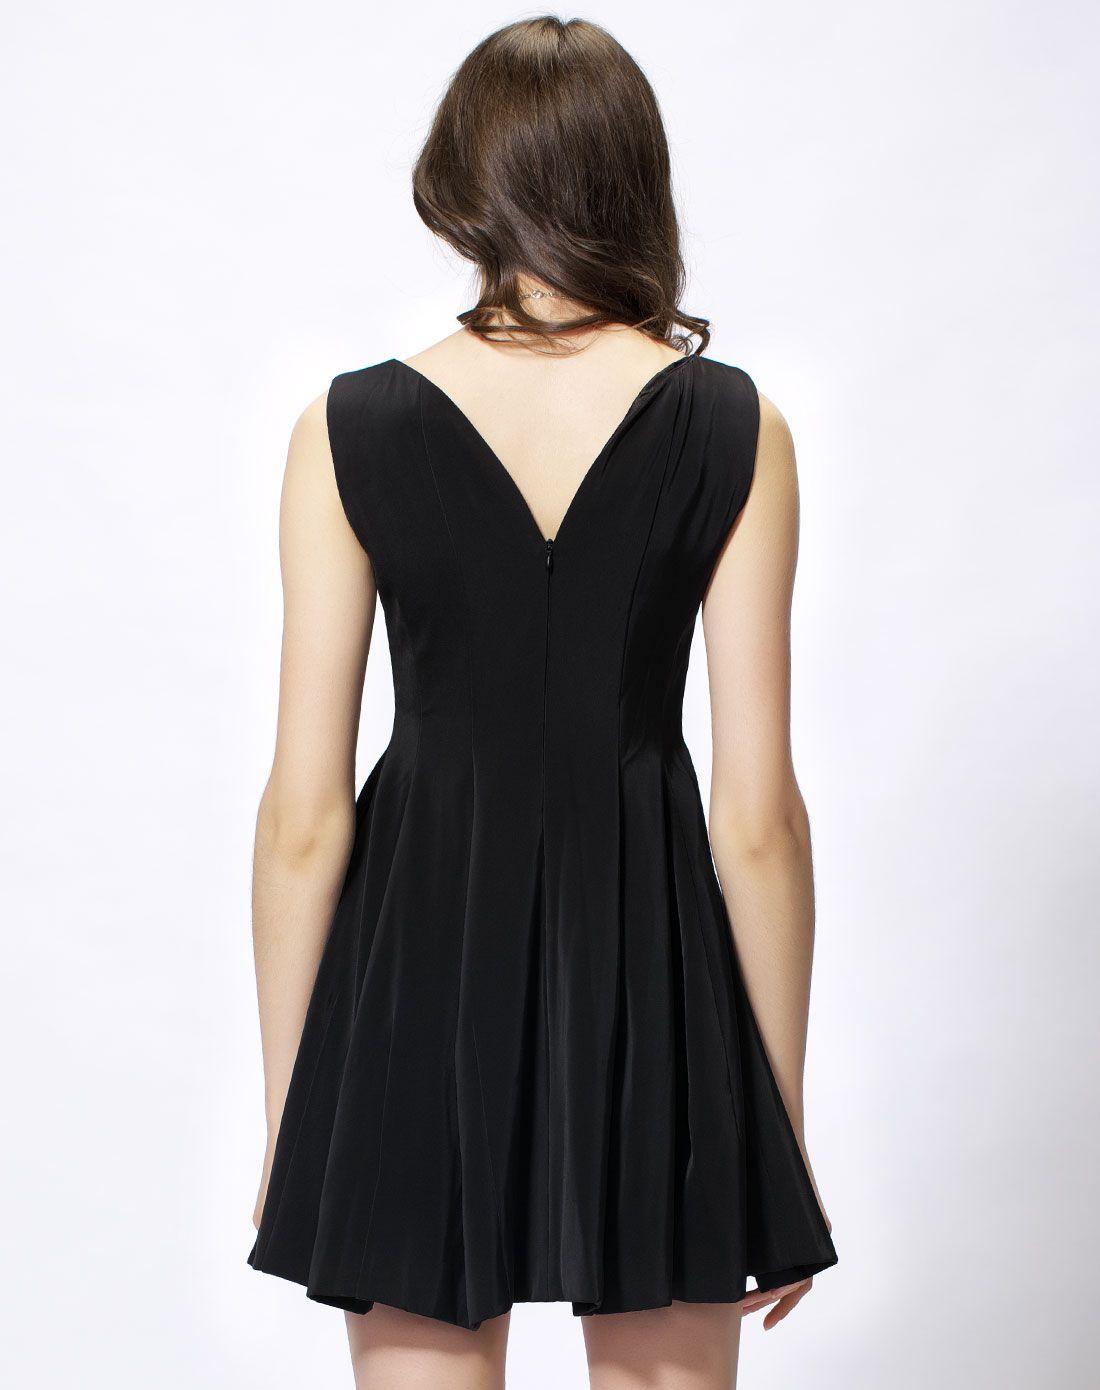 x型连衣裙